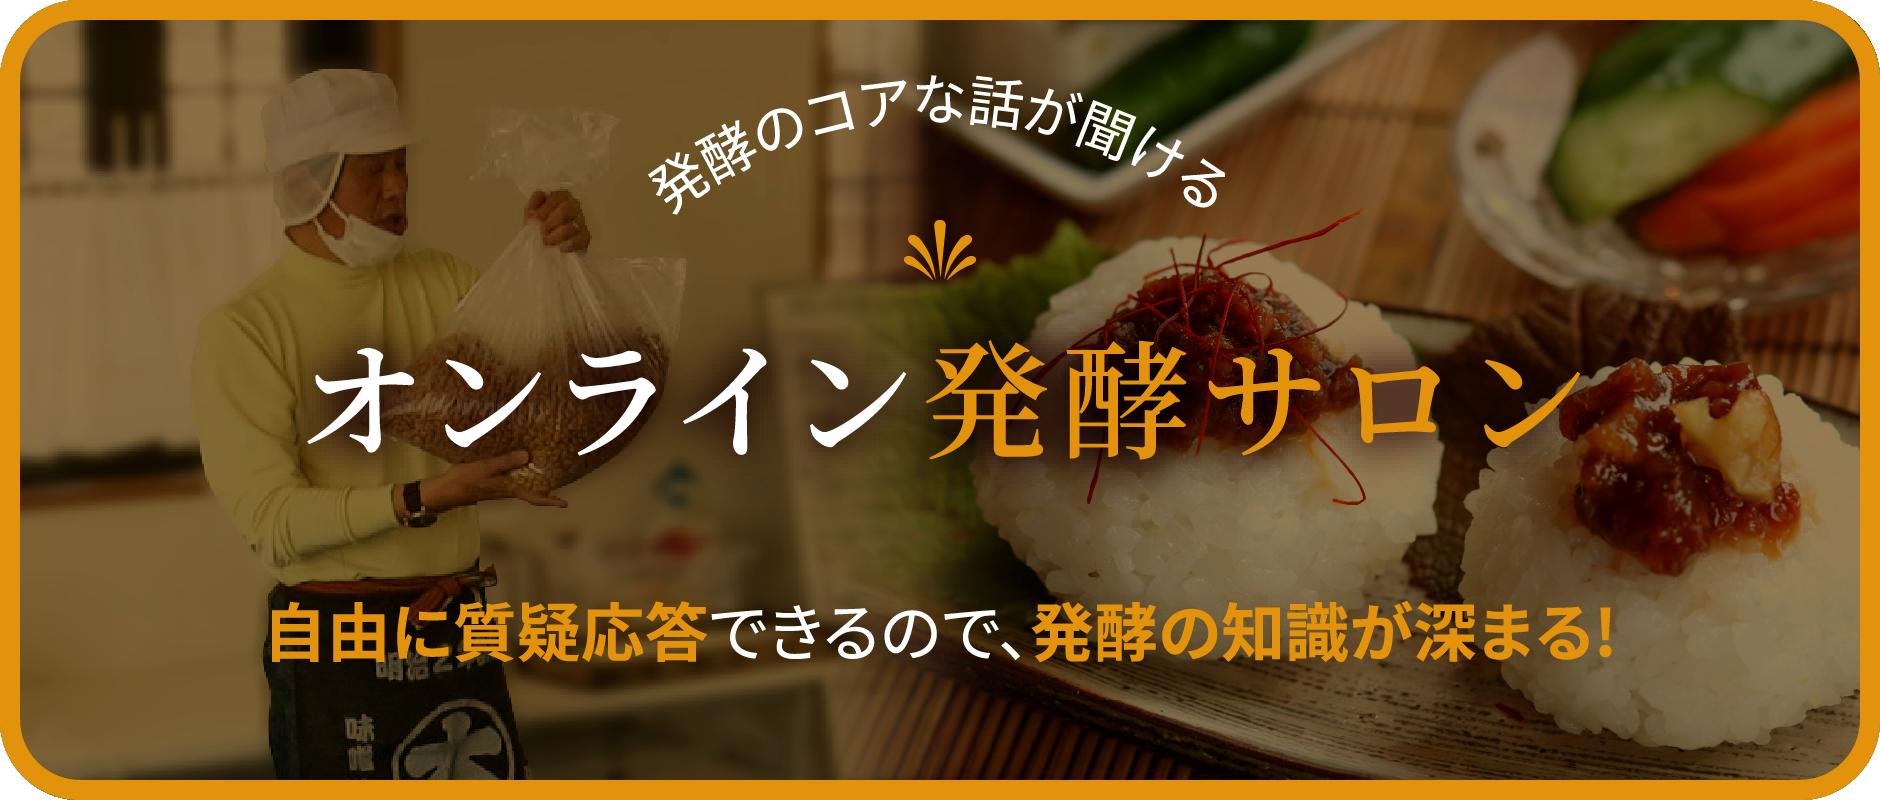 オンライン発酵サロン